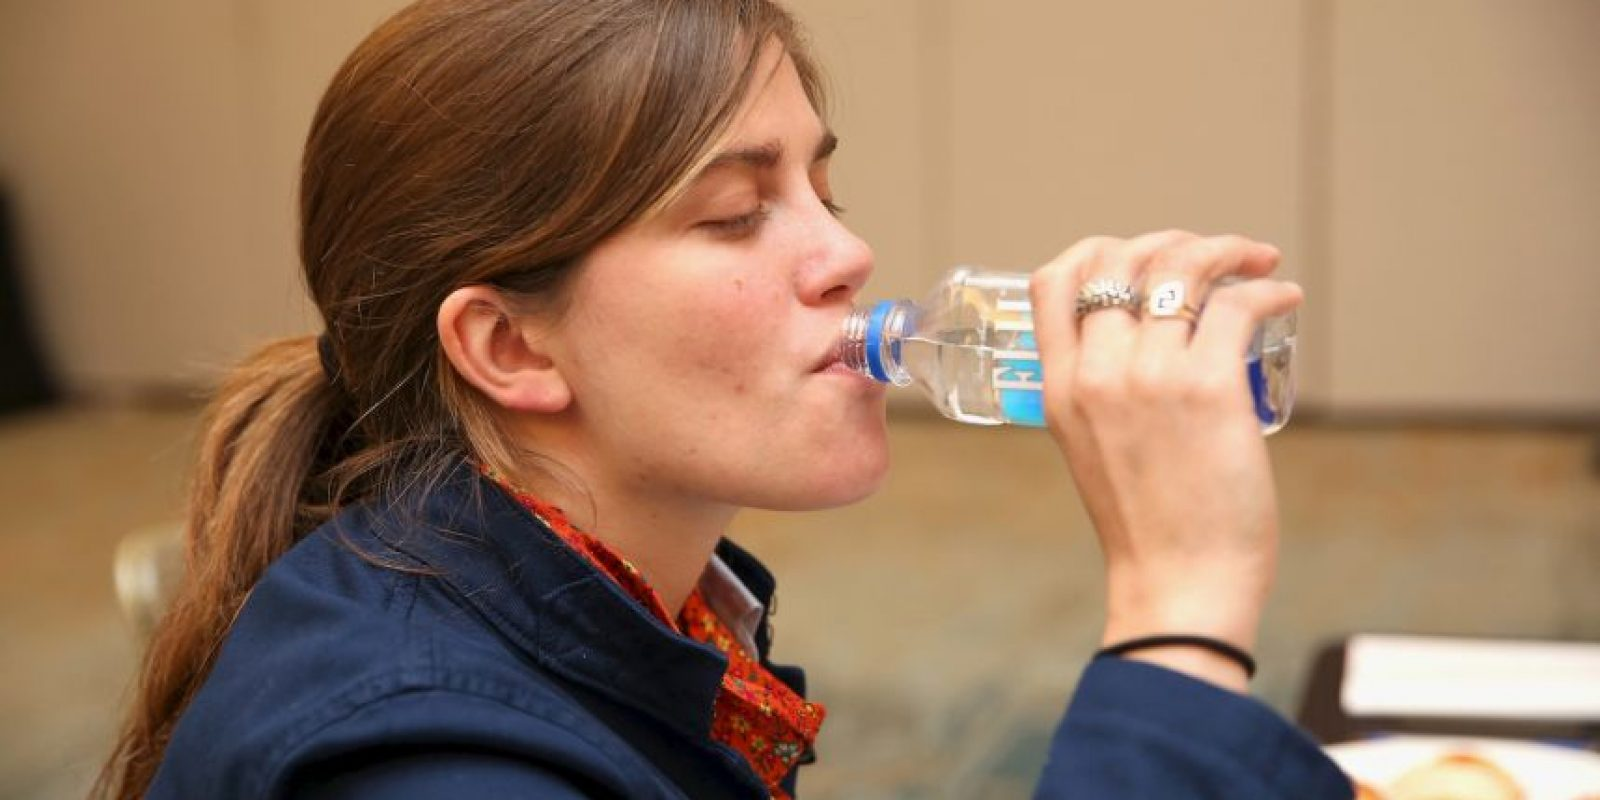 Beber agua en lugar de bebidas azucaradas es la mejor manera de eliminar calorías inútiles de la dieta, ya que no estas bebidas no aportan ningún nutriente, sólo hidratan y la mejor manera de hacerlo es a través del agua. Foto:Getty Images